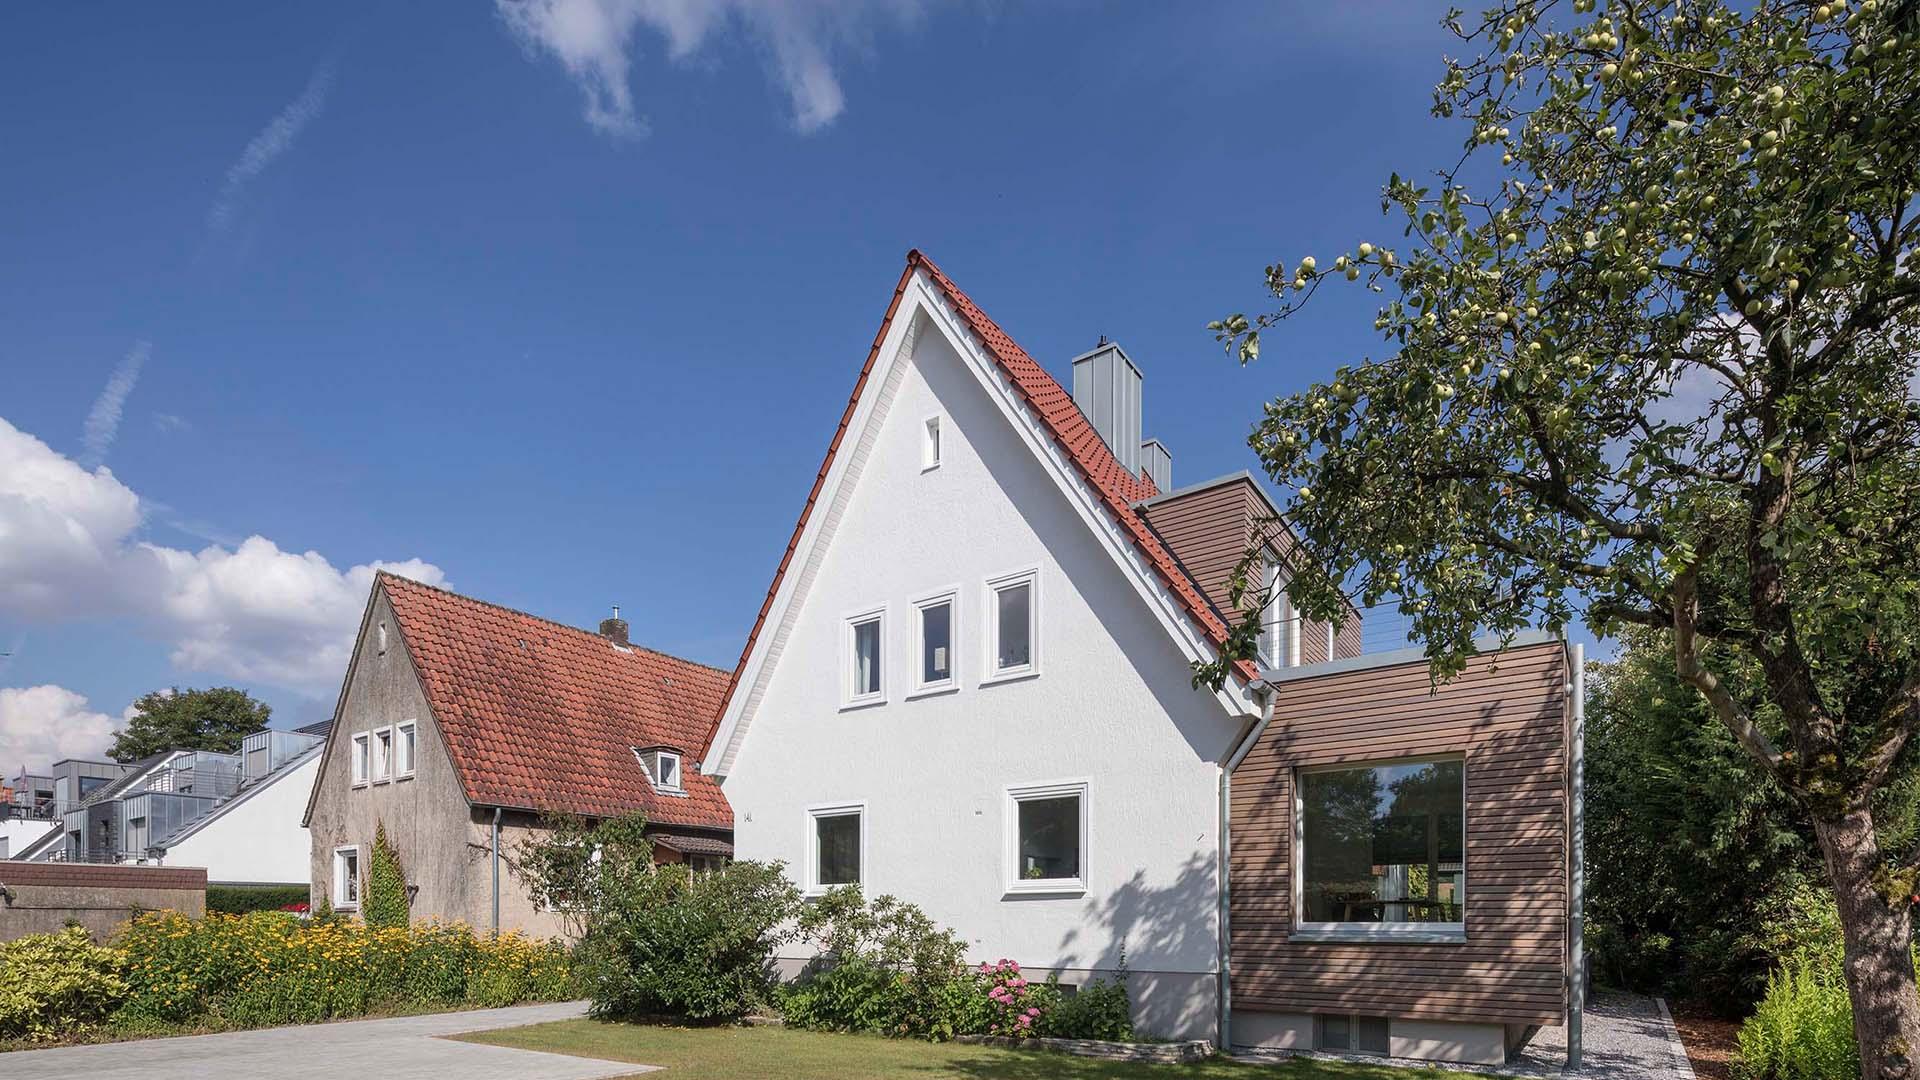 M141, Sanierung und Erweiterung eines Siedlungshauses